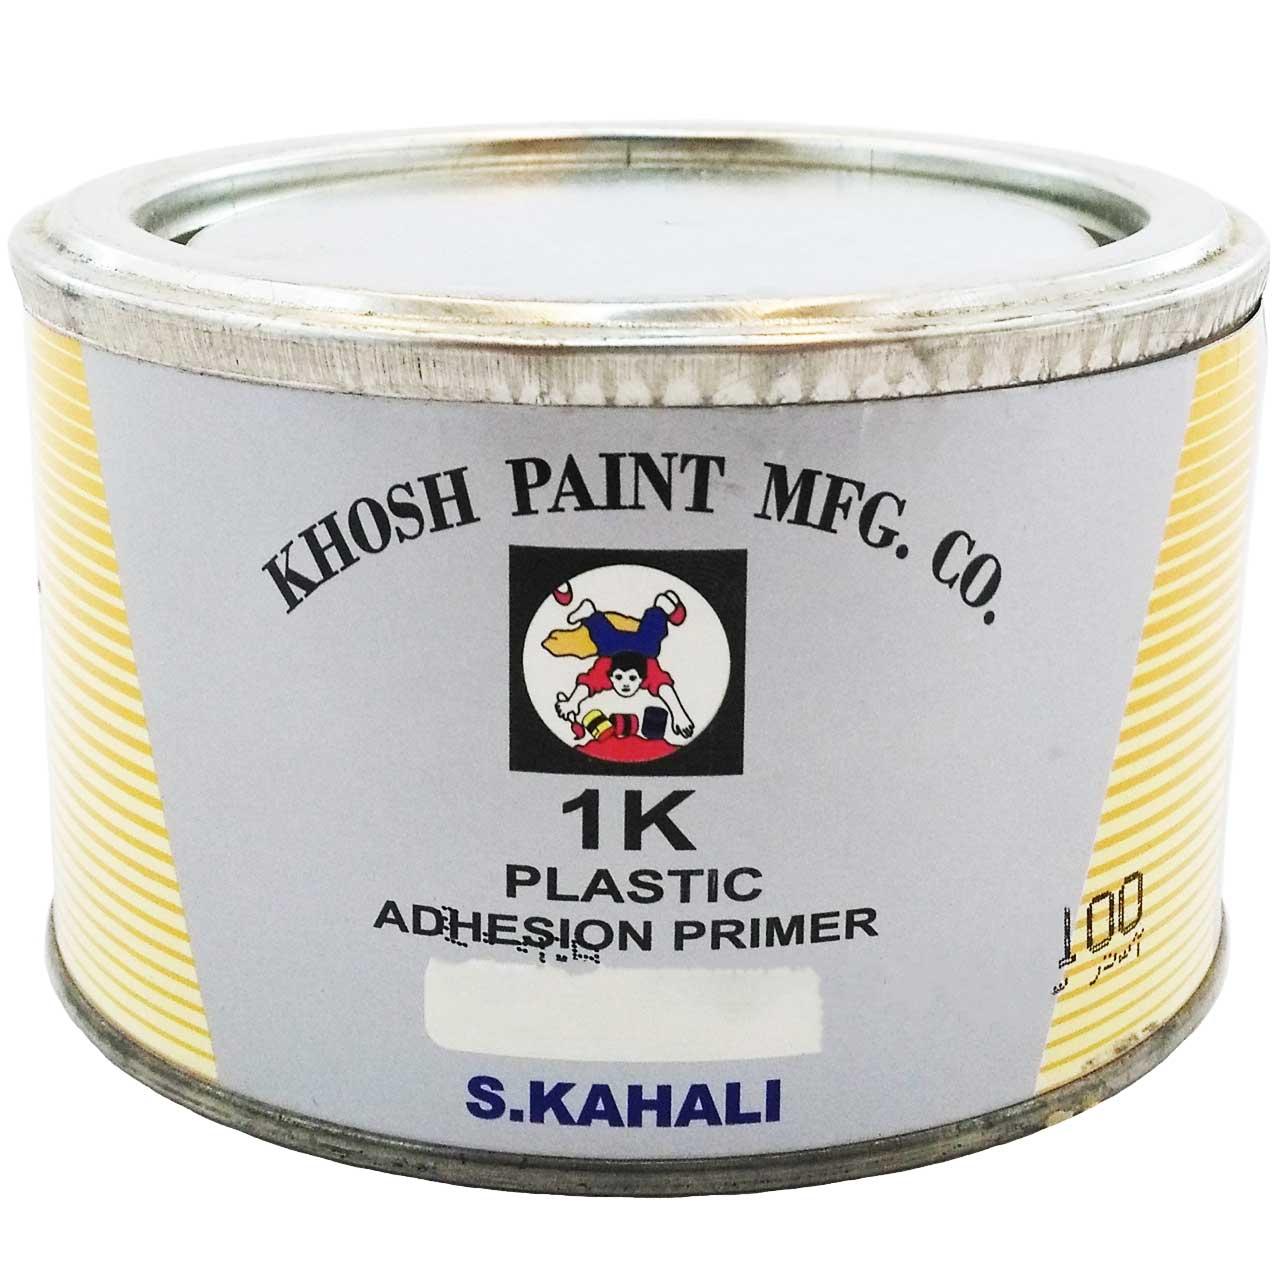 رنگ آستر سطوح پلاستیک خوش مدل ADHESION PRIMER حجم 500 میلی لیتر